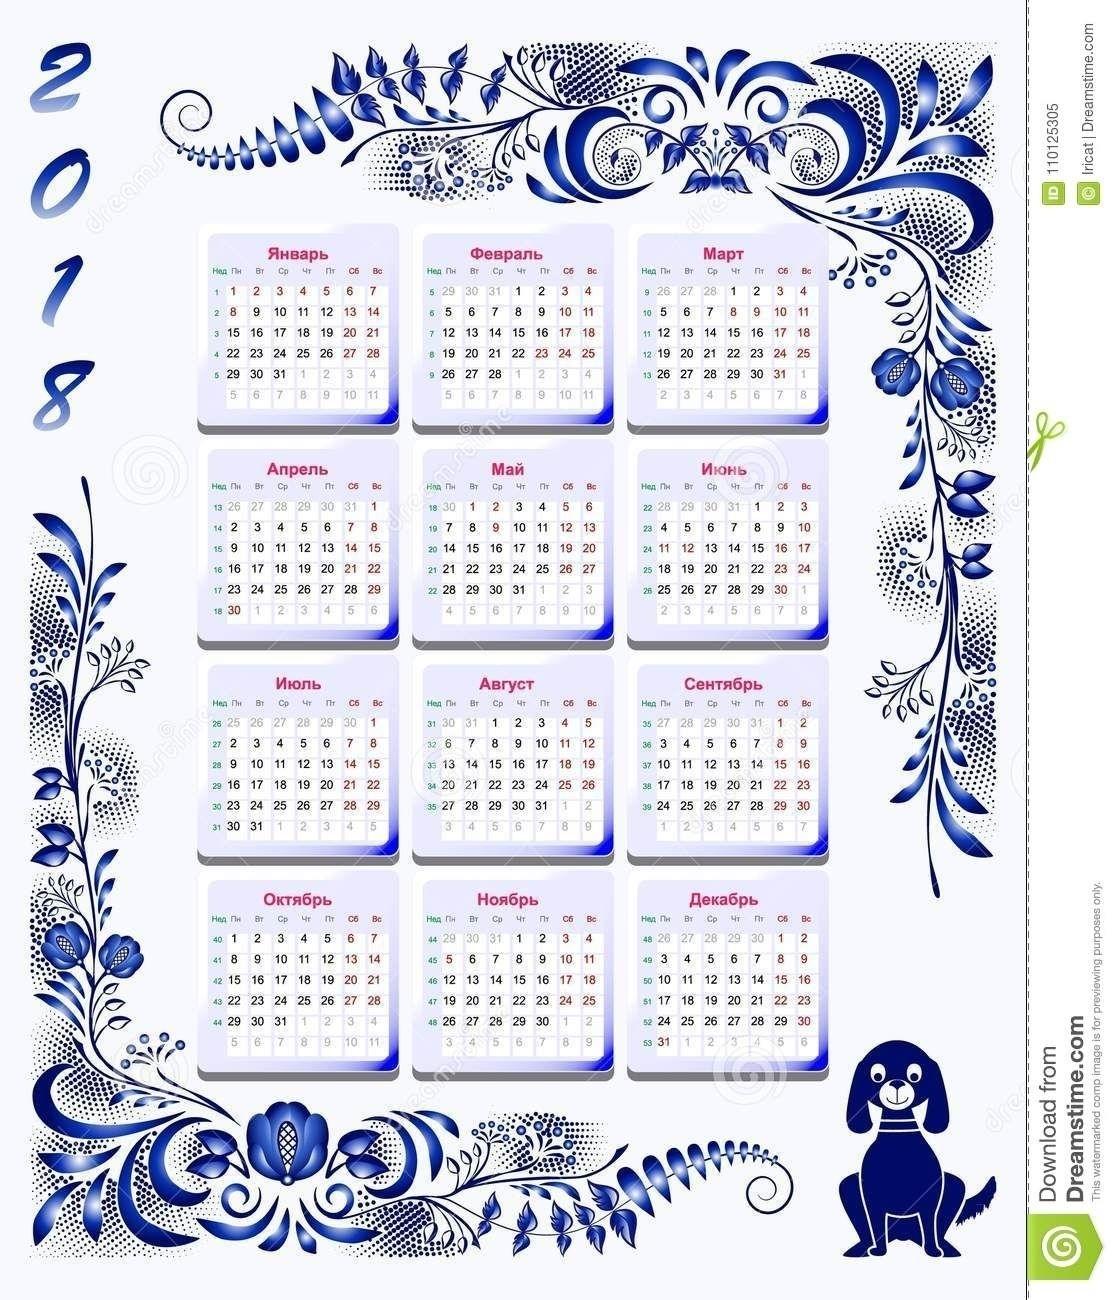 Calendar Of Weekends Only In 2020 | Free Printable Calendar